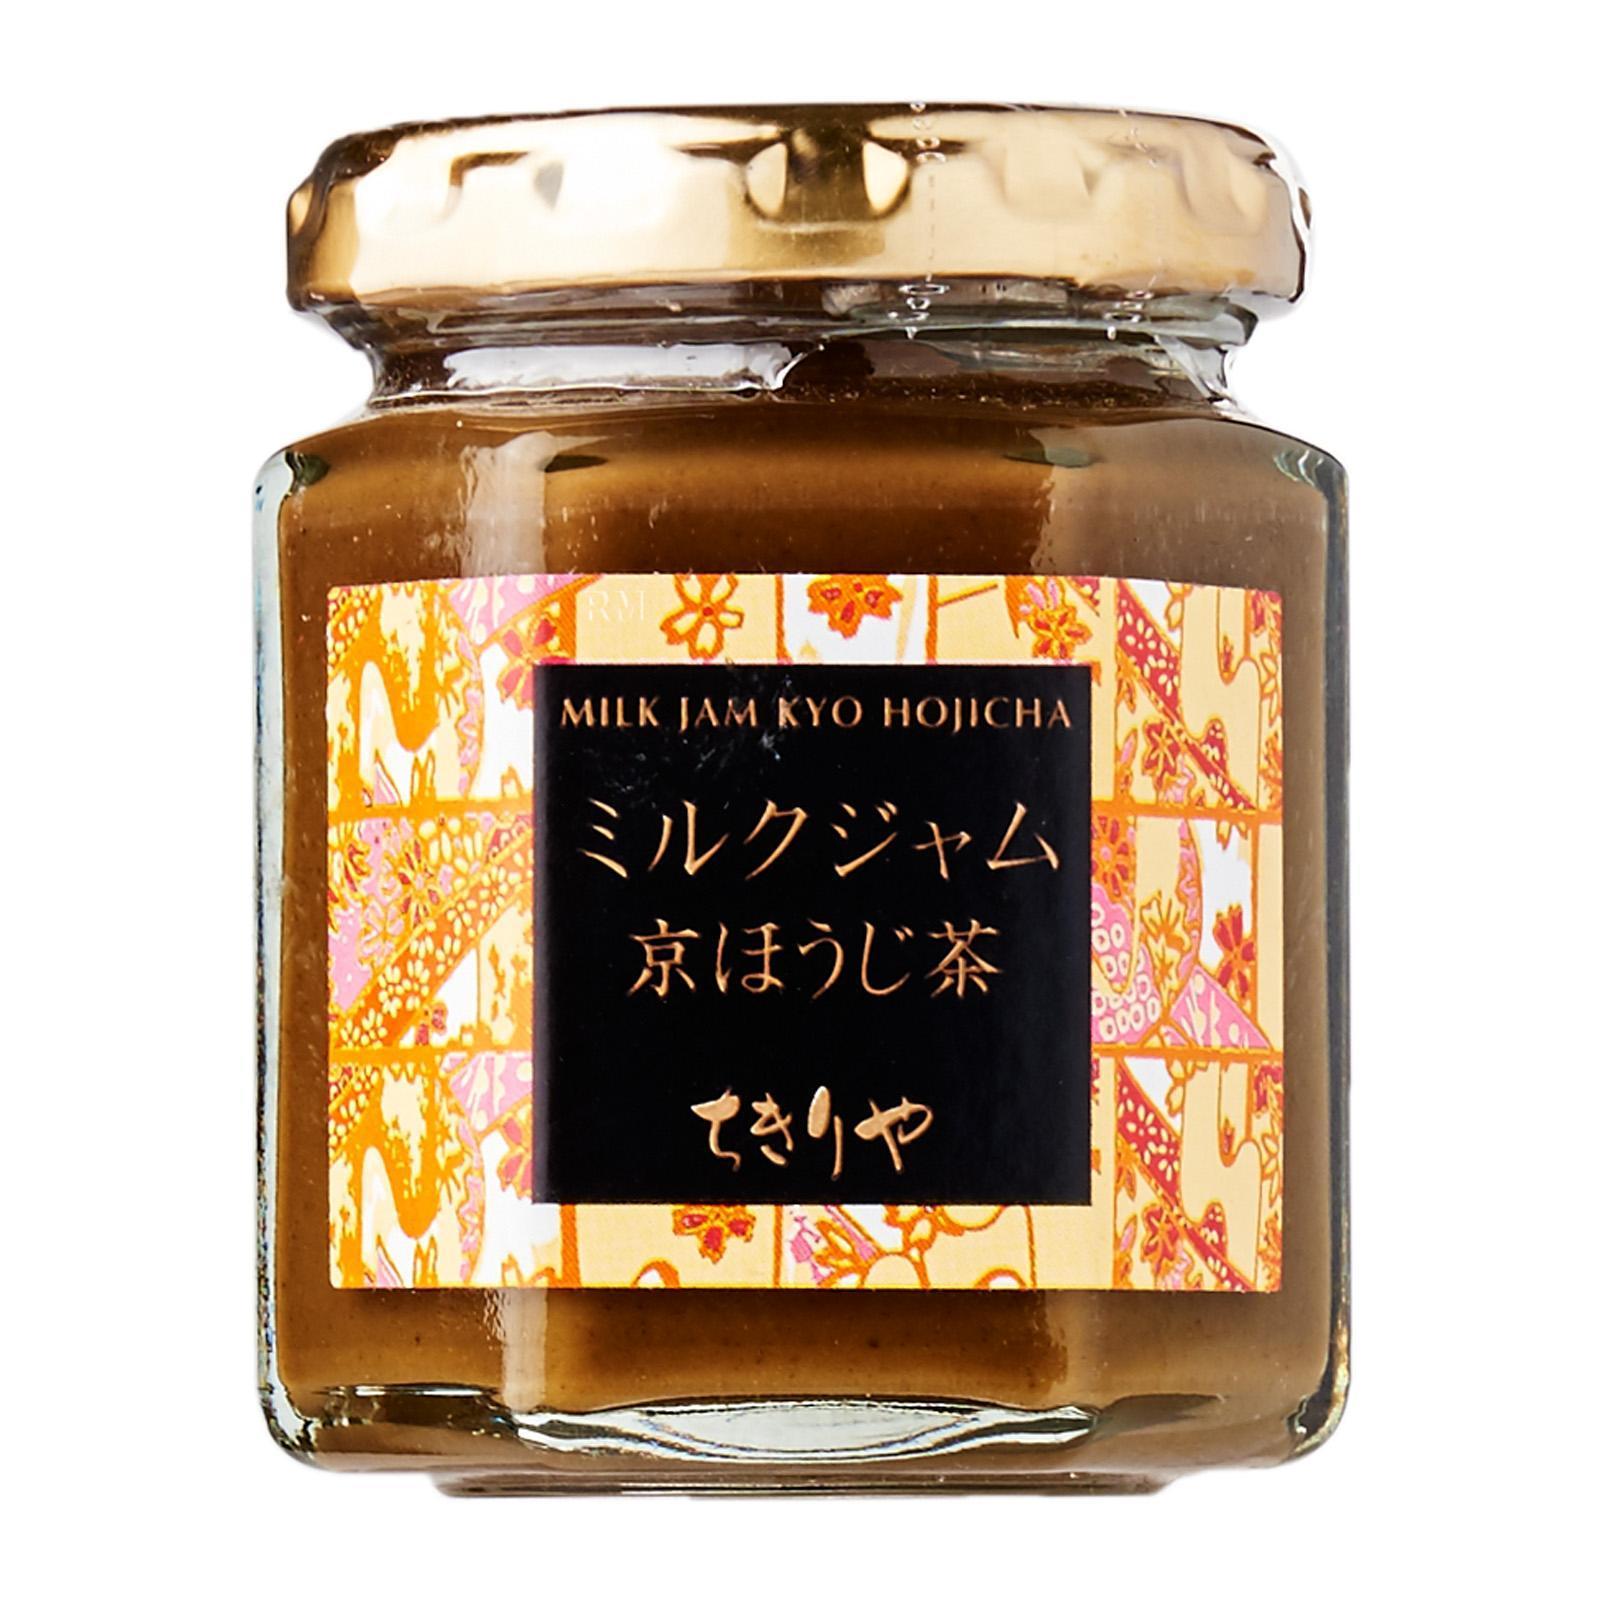 Kyo Chikiriya Milk Jam Kyo Hojicha - Kirei